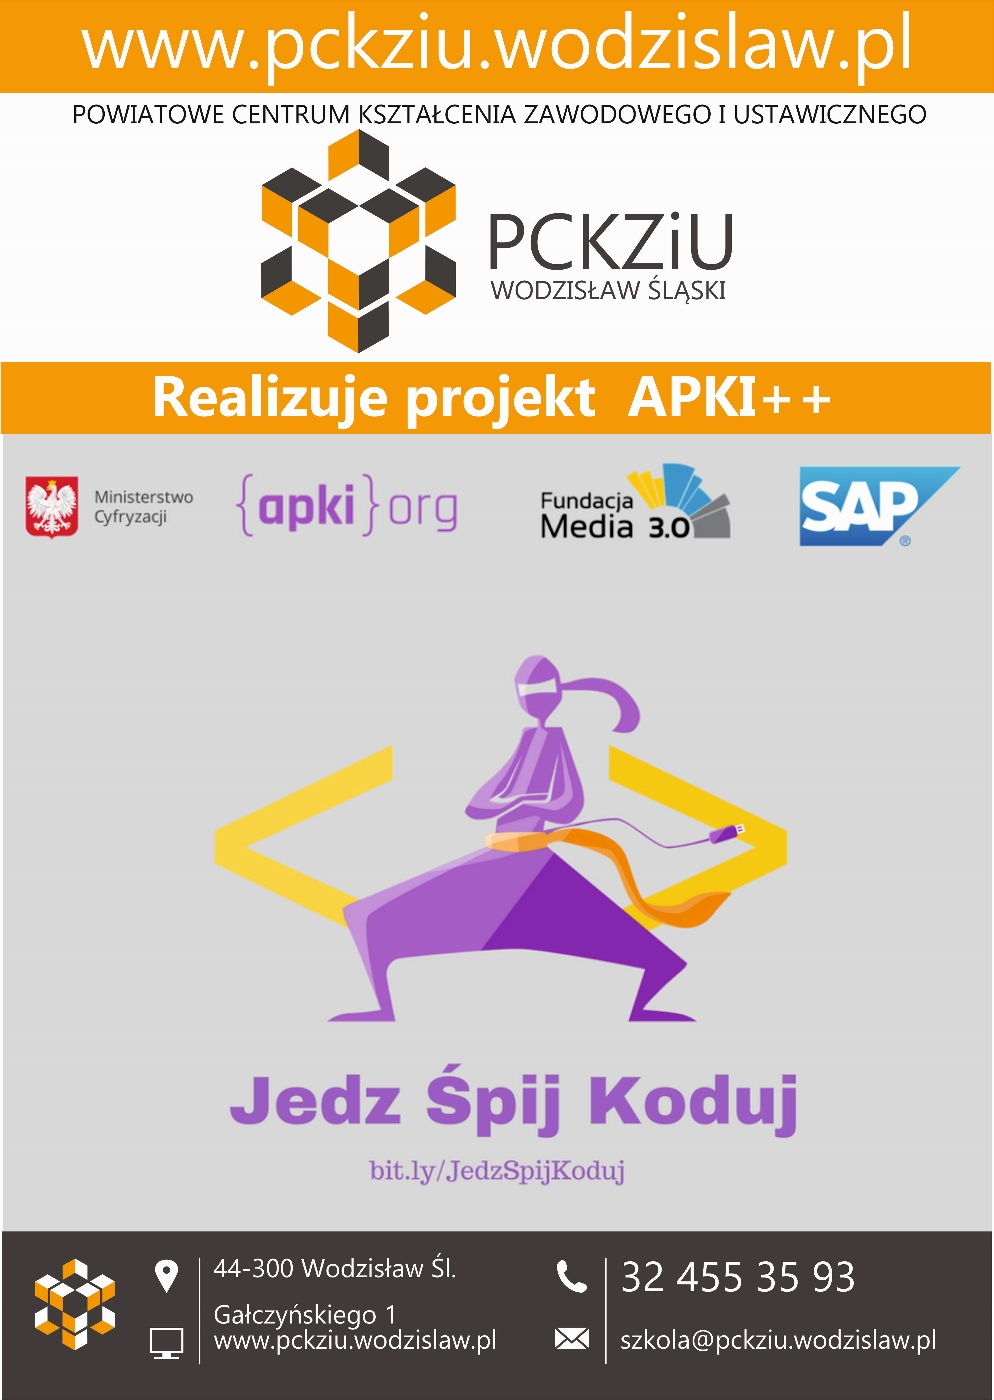 apki (994x1400)